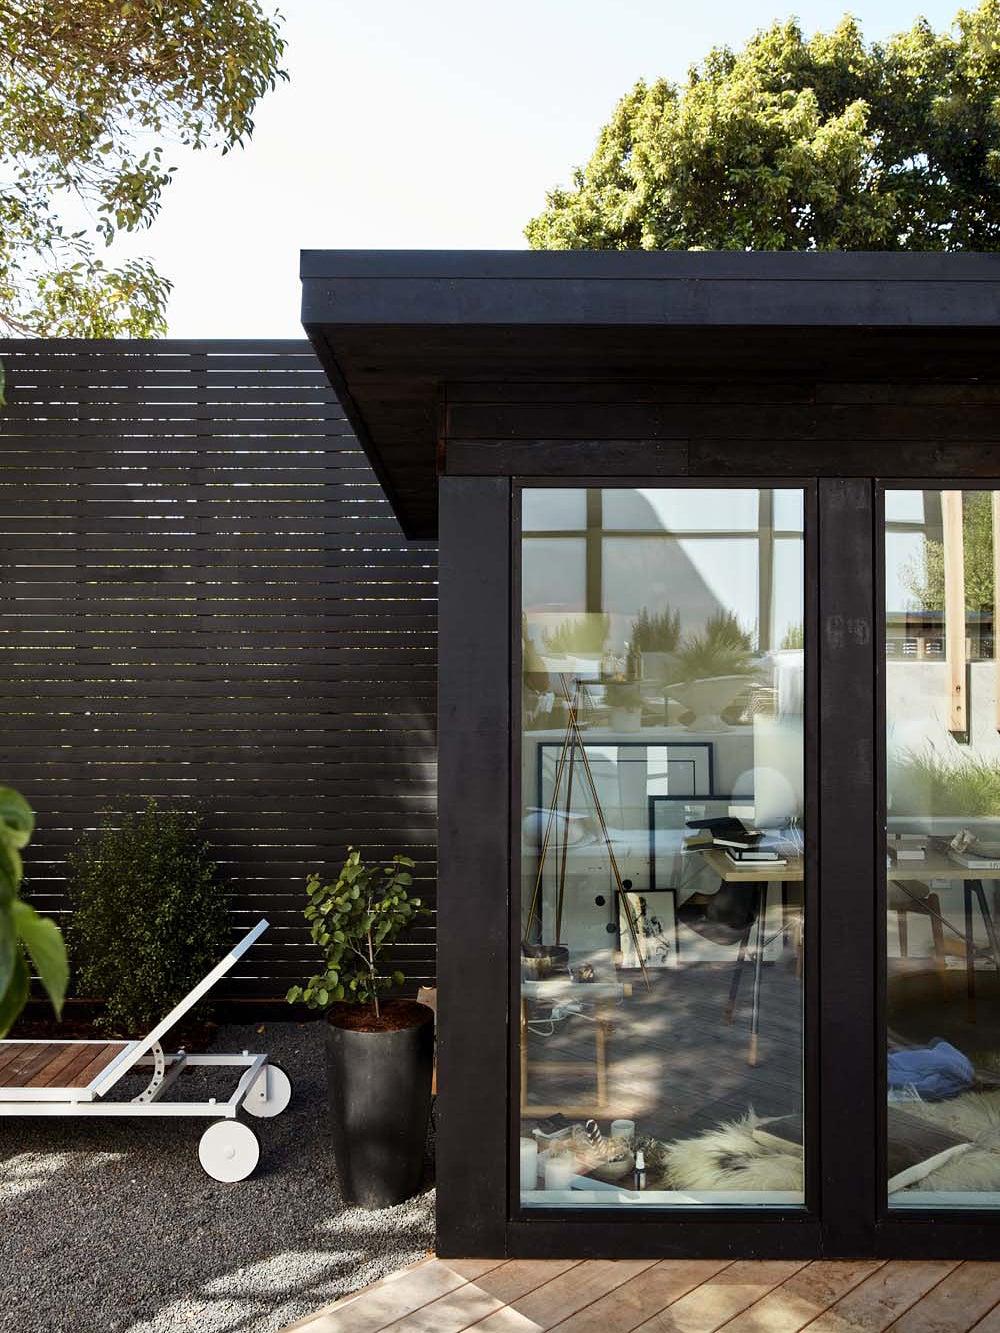 Erin Hiemstra's garden studio